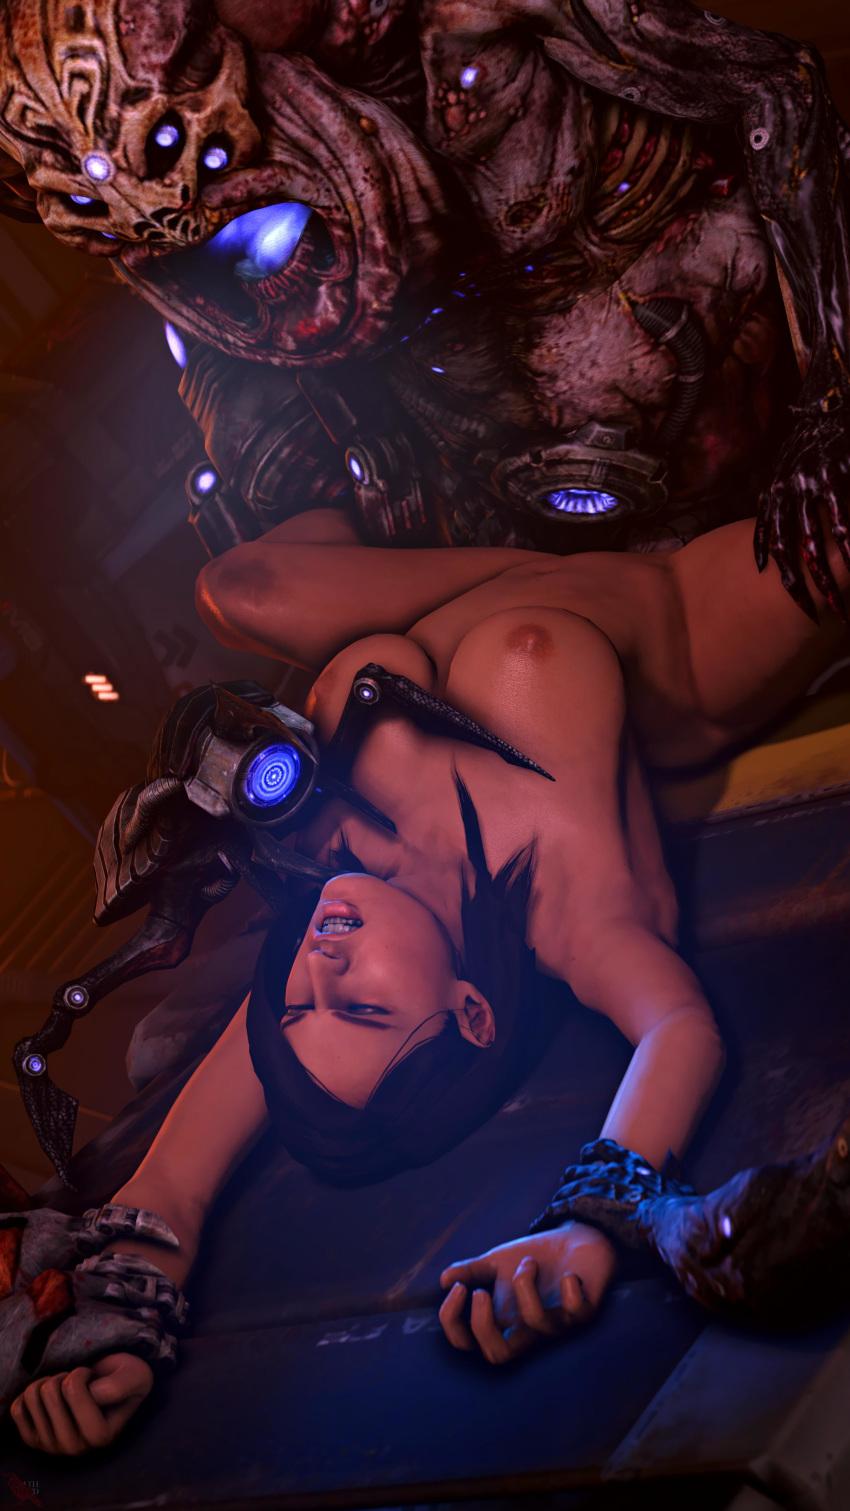 mass effect liara porn gif Gibo no toiki haitoku kokoro ni tadayou haha no iroka